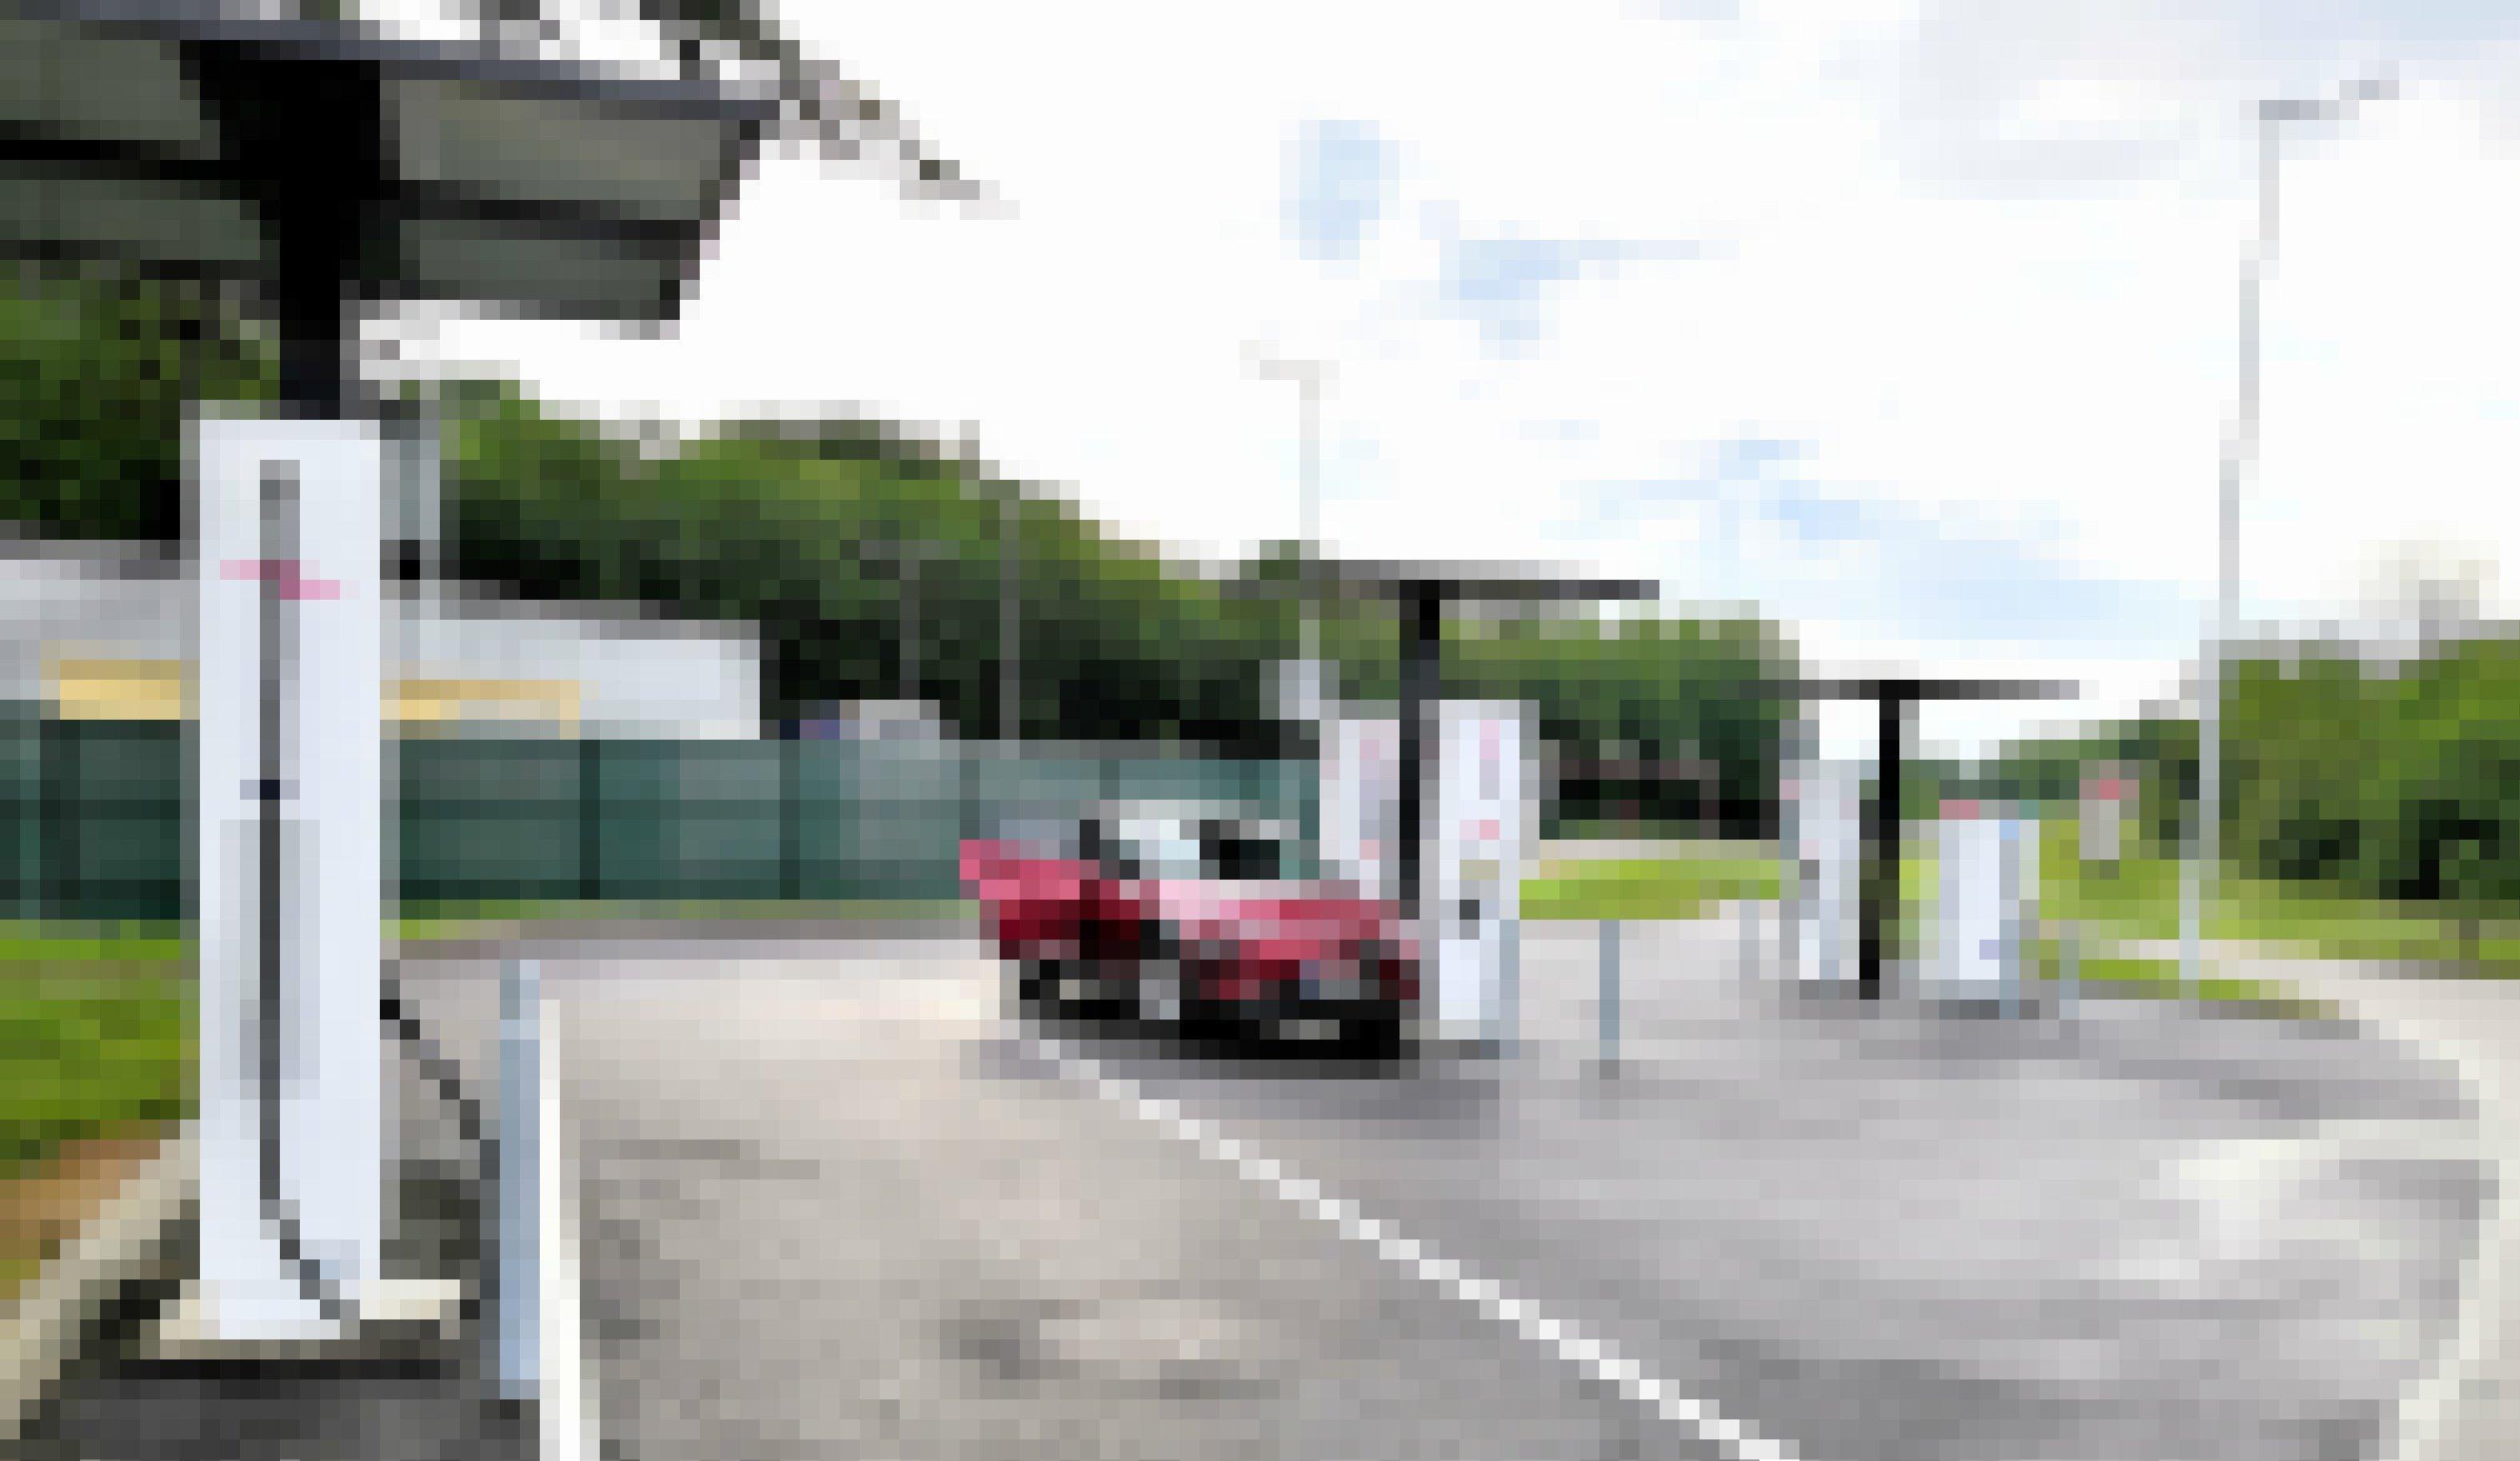 Ein Elektroauto steht auf einem Rastplatz und ist mit einer Ladesäule verbunden.